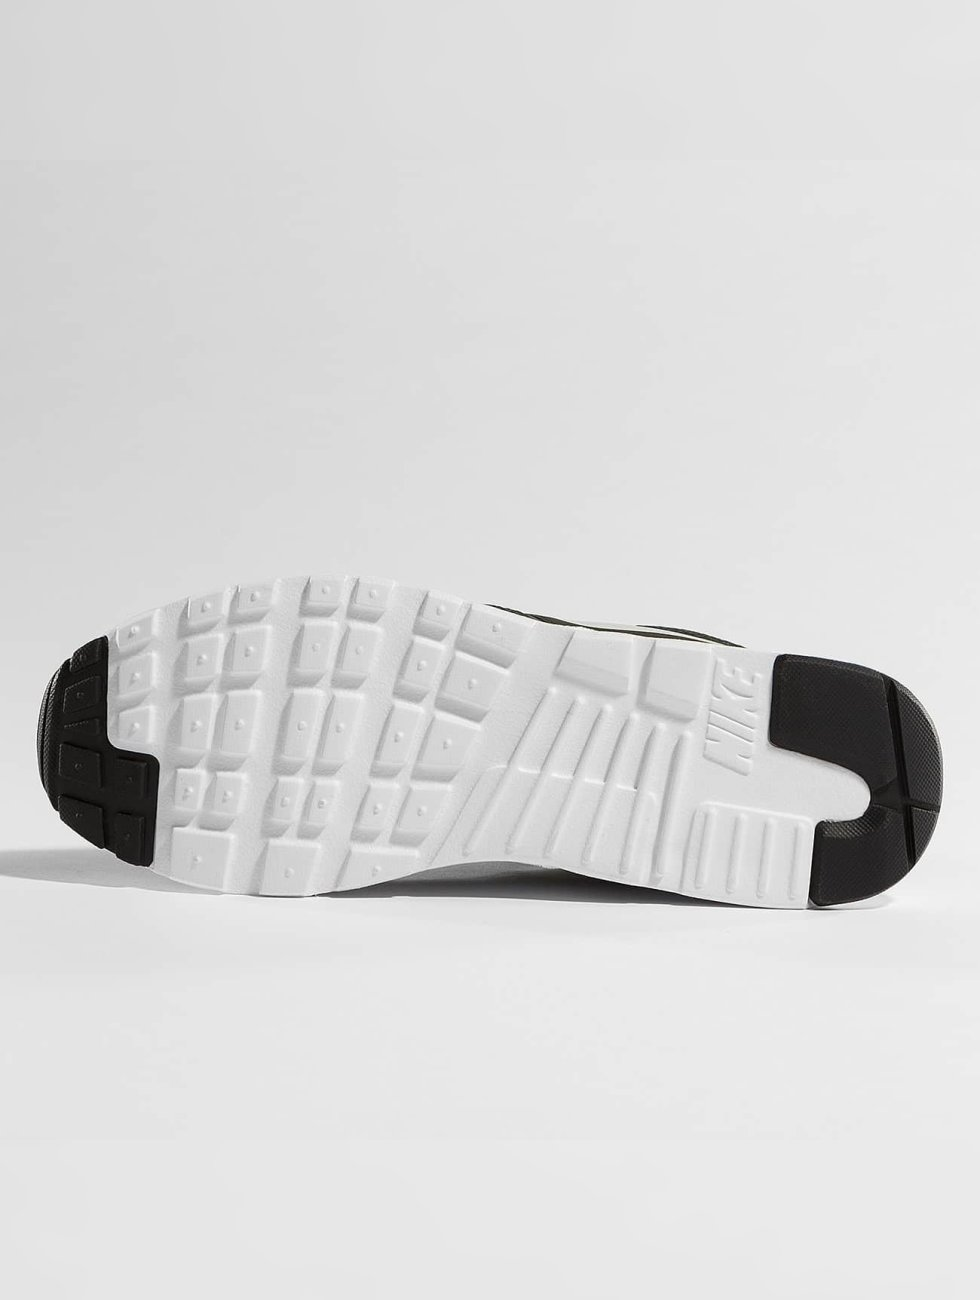 Vision Air Chaussures / Baskets Nike Max S'en Vert 423018 Vente Sortie vATvH86